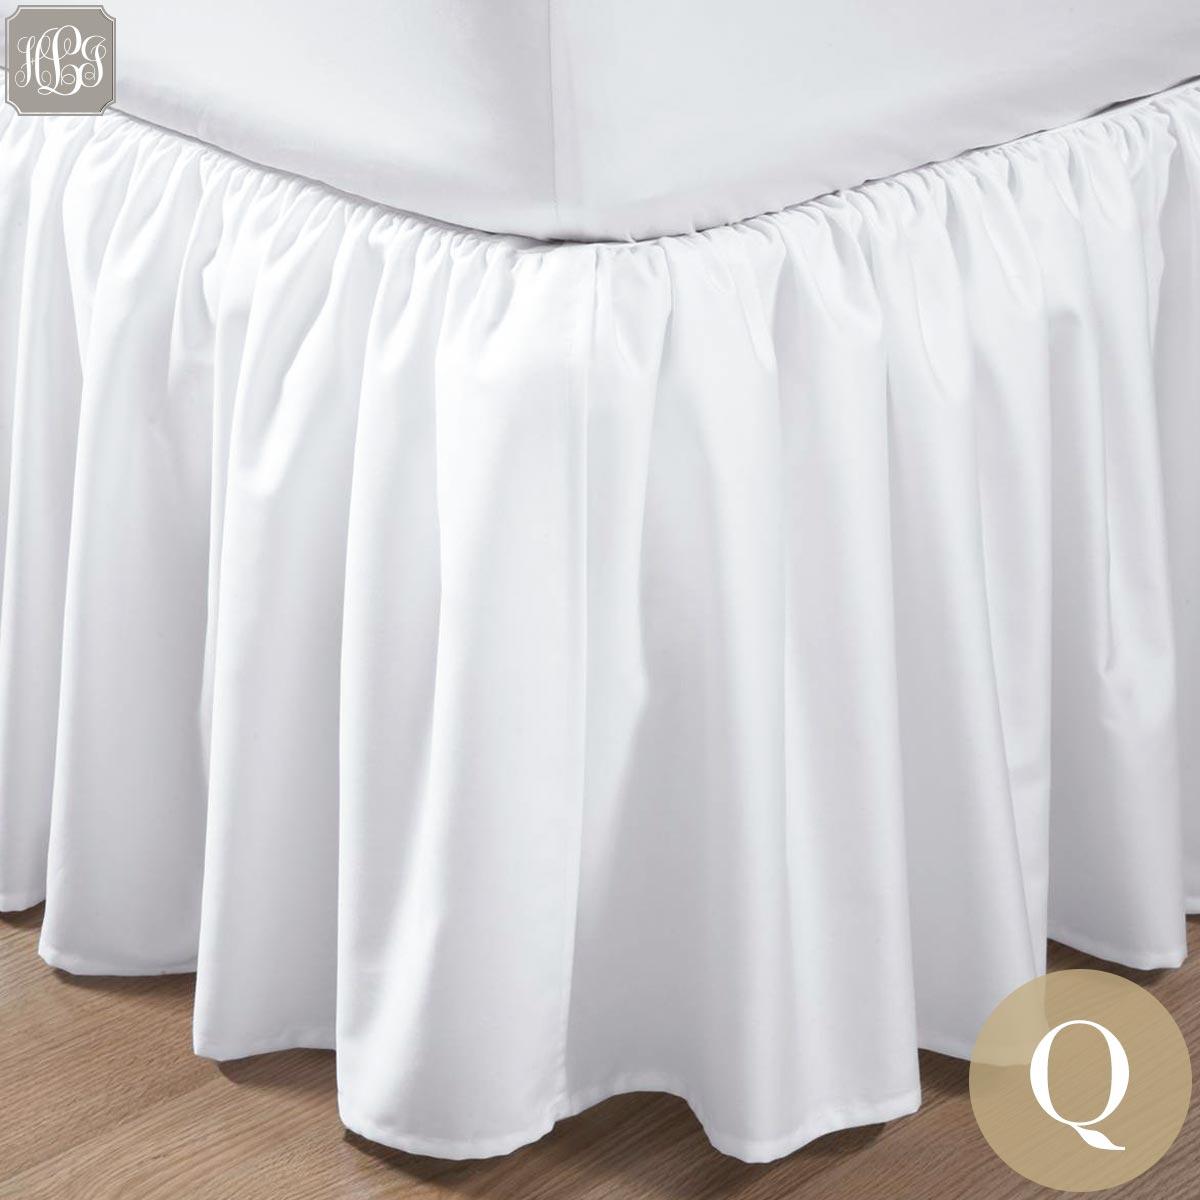 ベッドスカート | クイーン | 160x200cm | 高さ25cm | 400TC ギャザードベッドスカート 送料無料